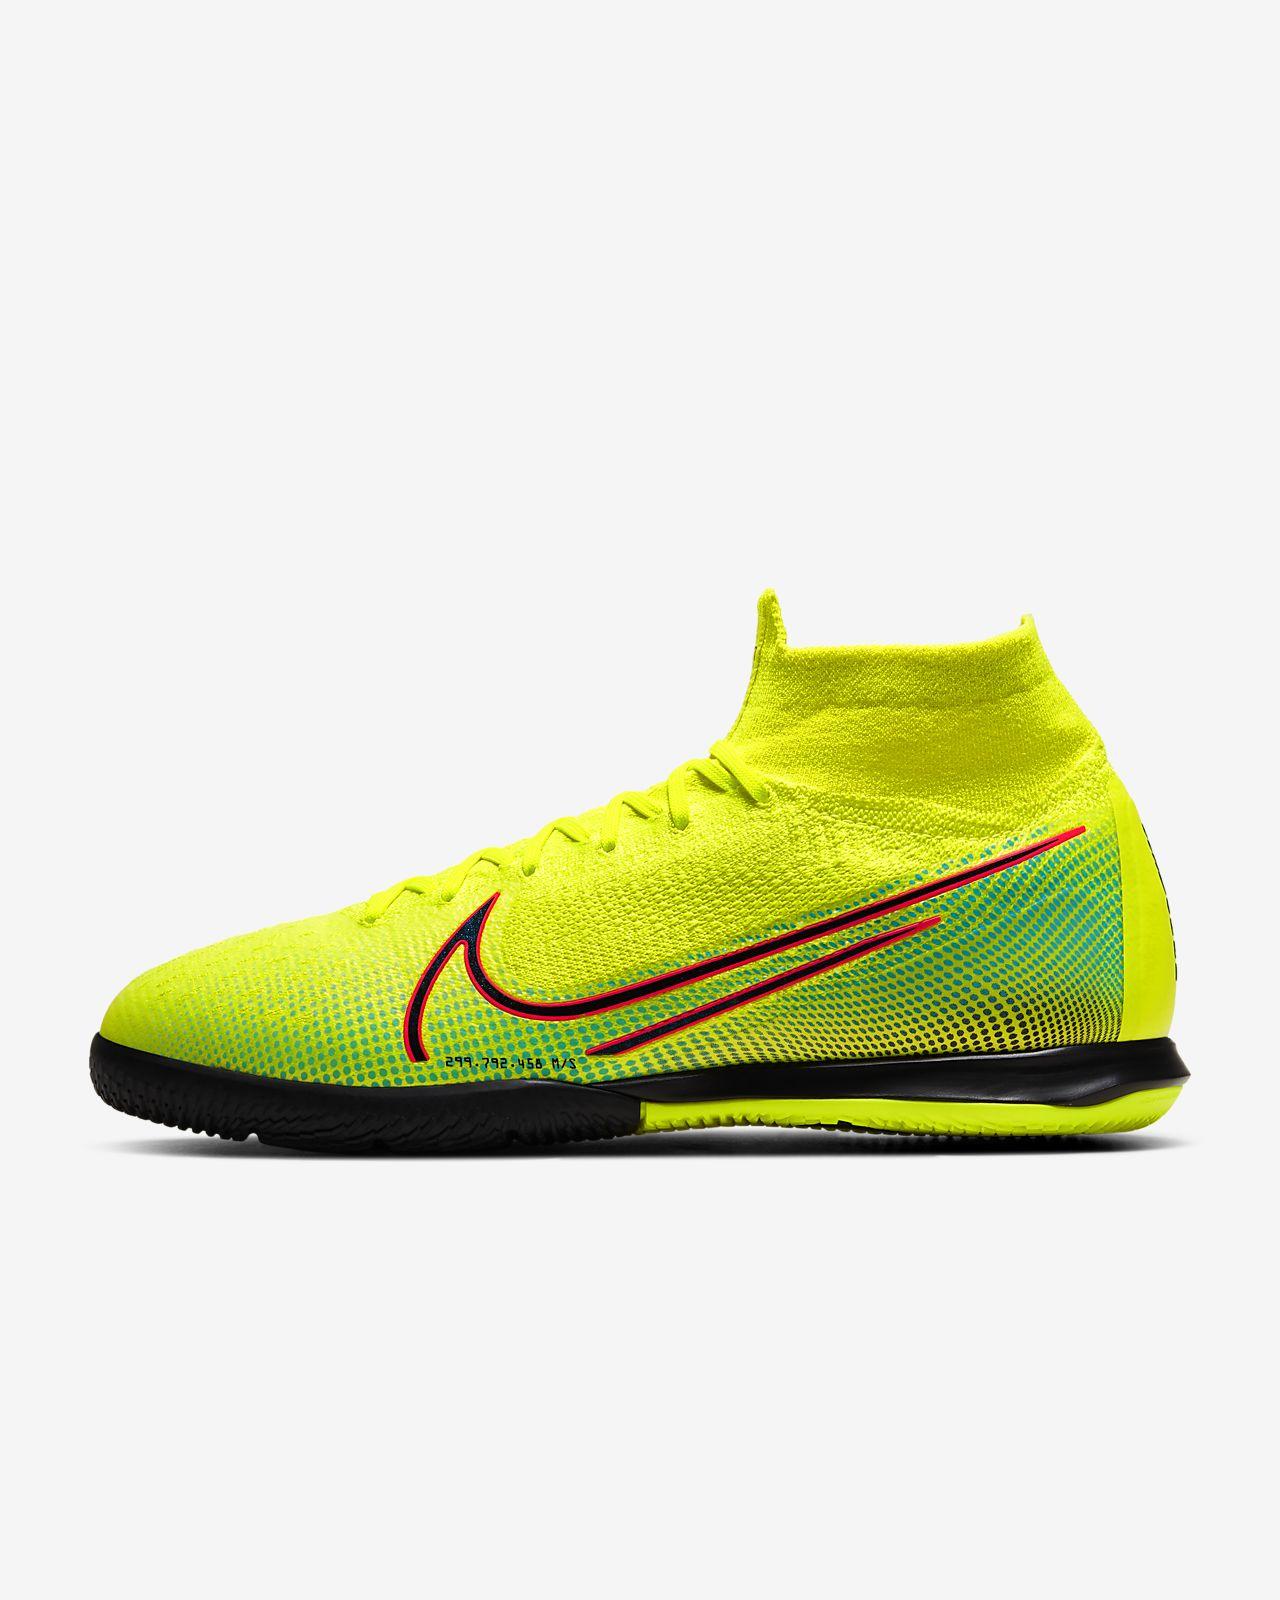 nike football en salle chaussures